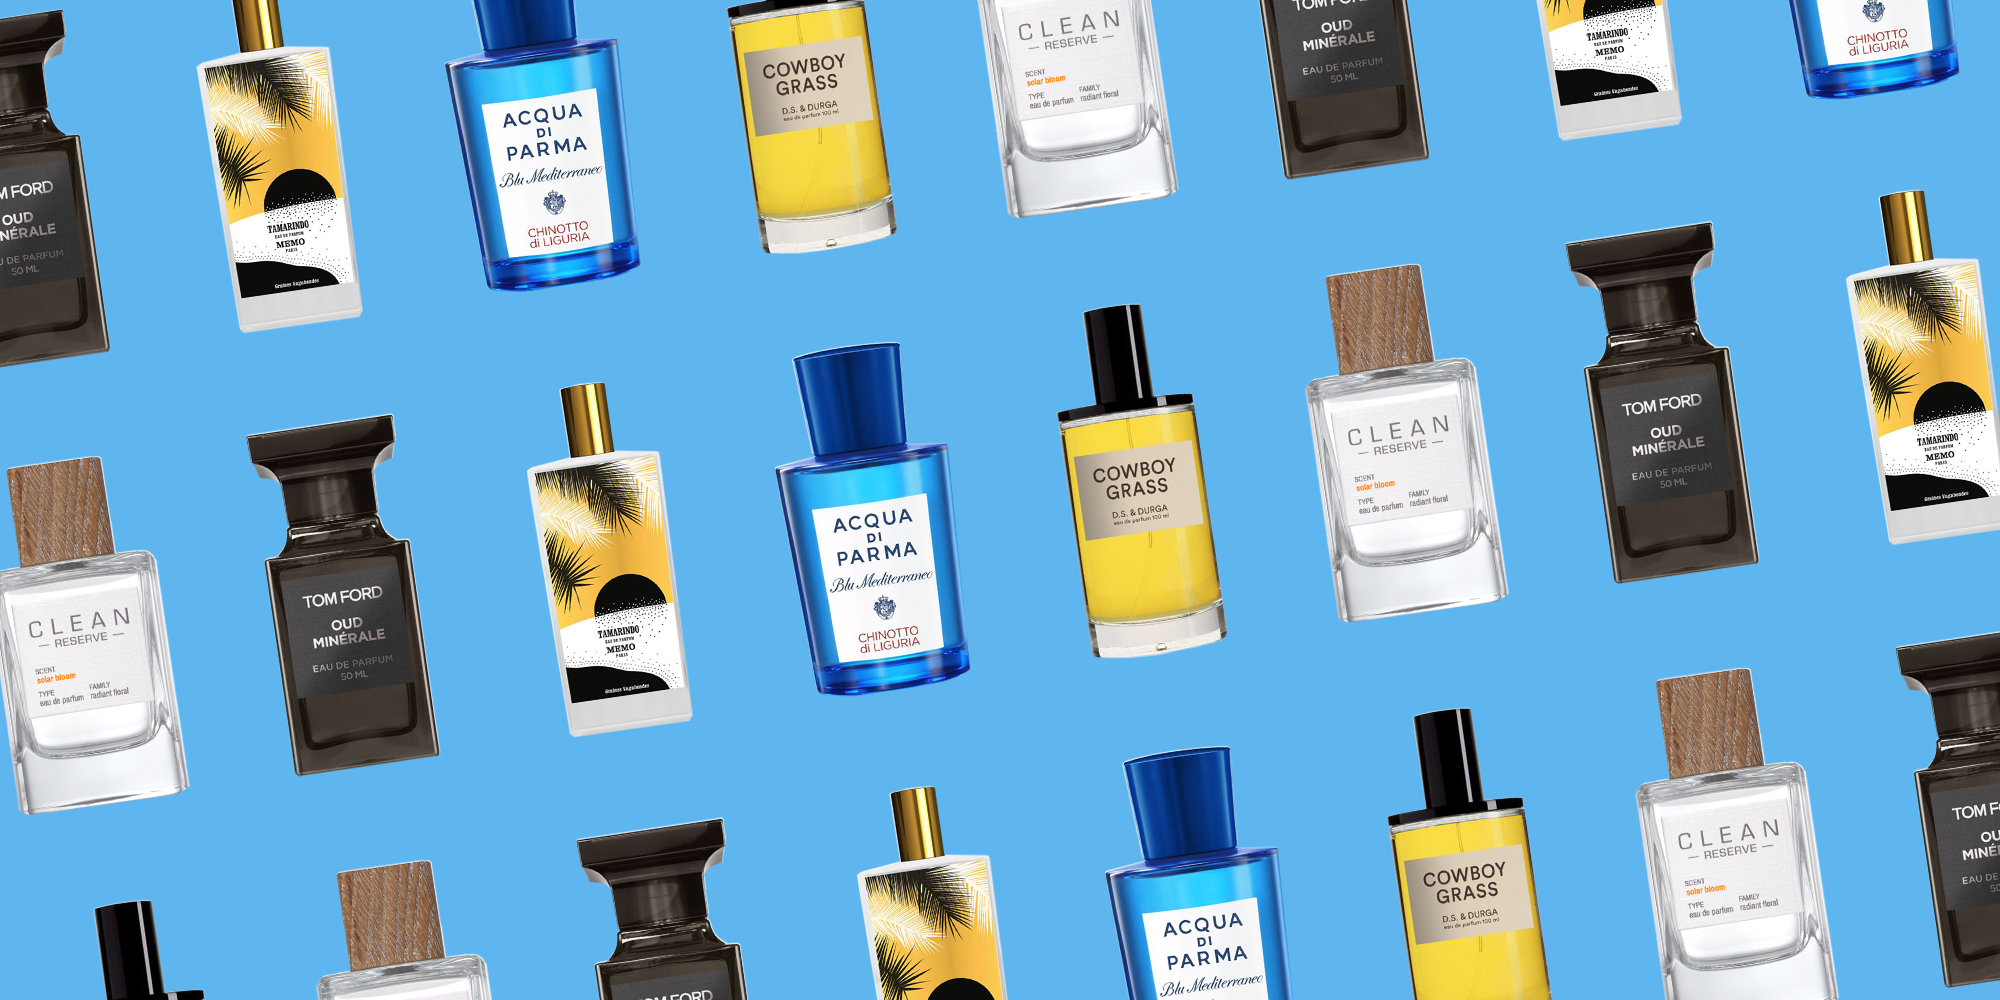 13 Best Summer Fragrances For Men Top Men S Colognes Summer 2019